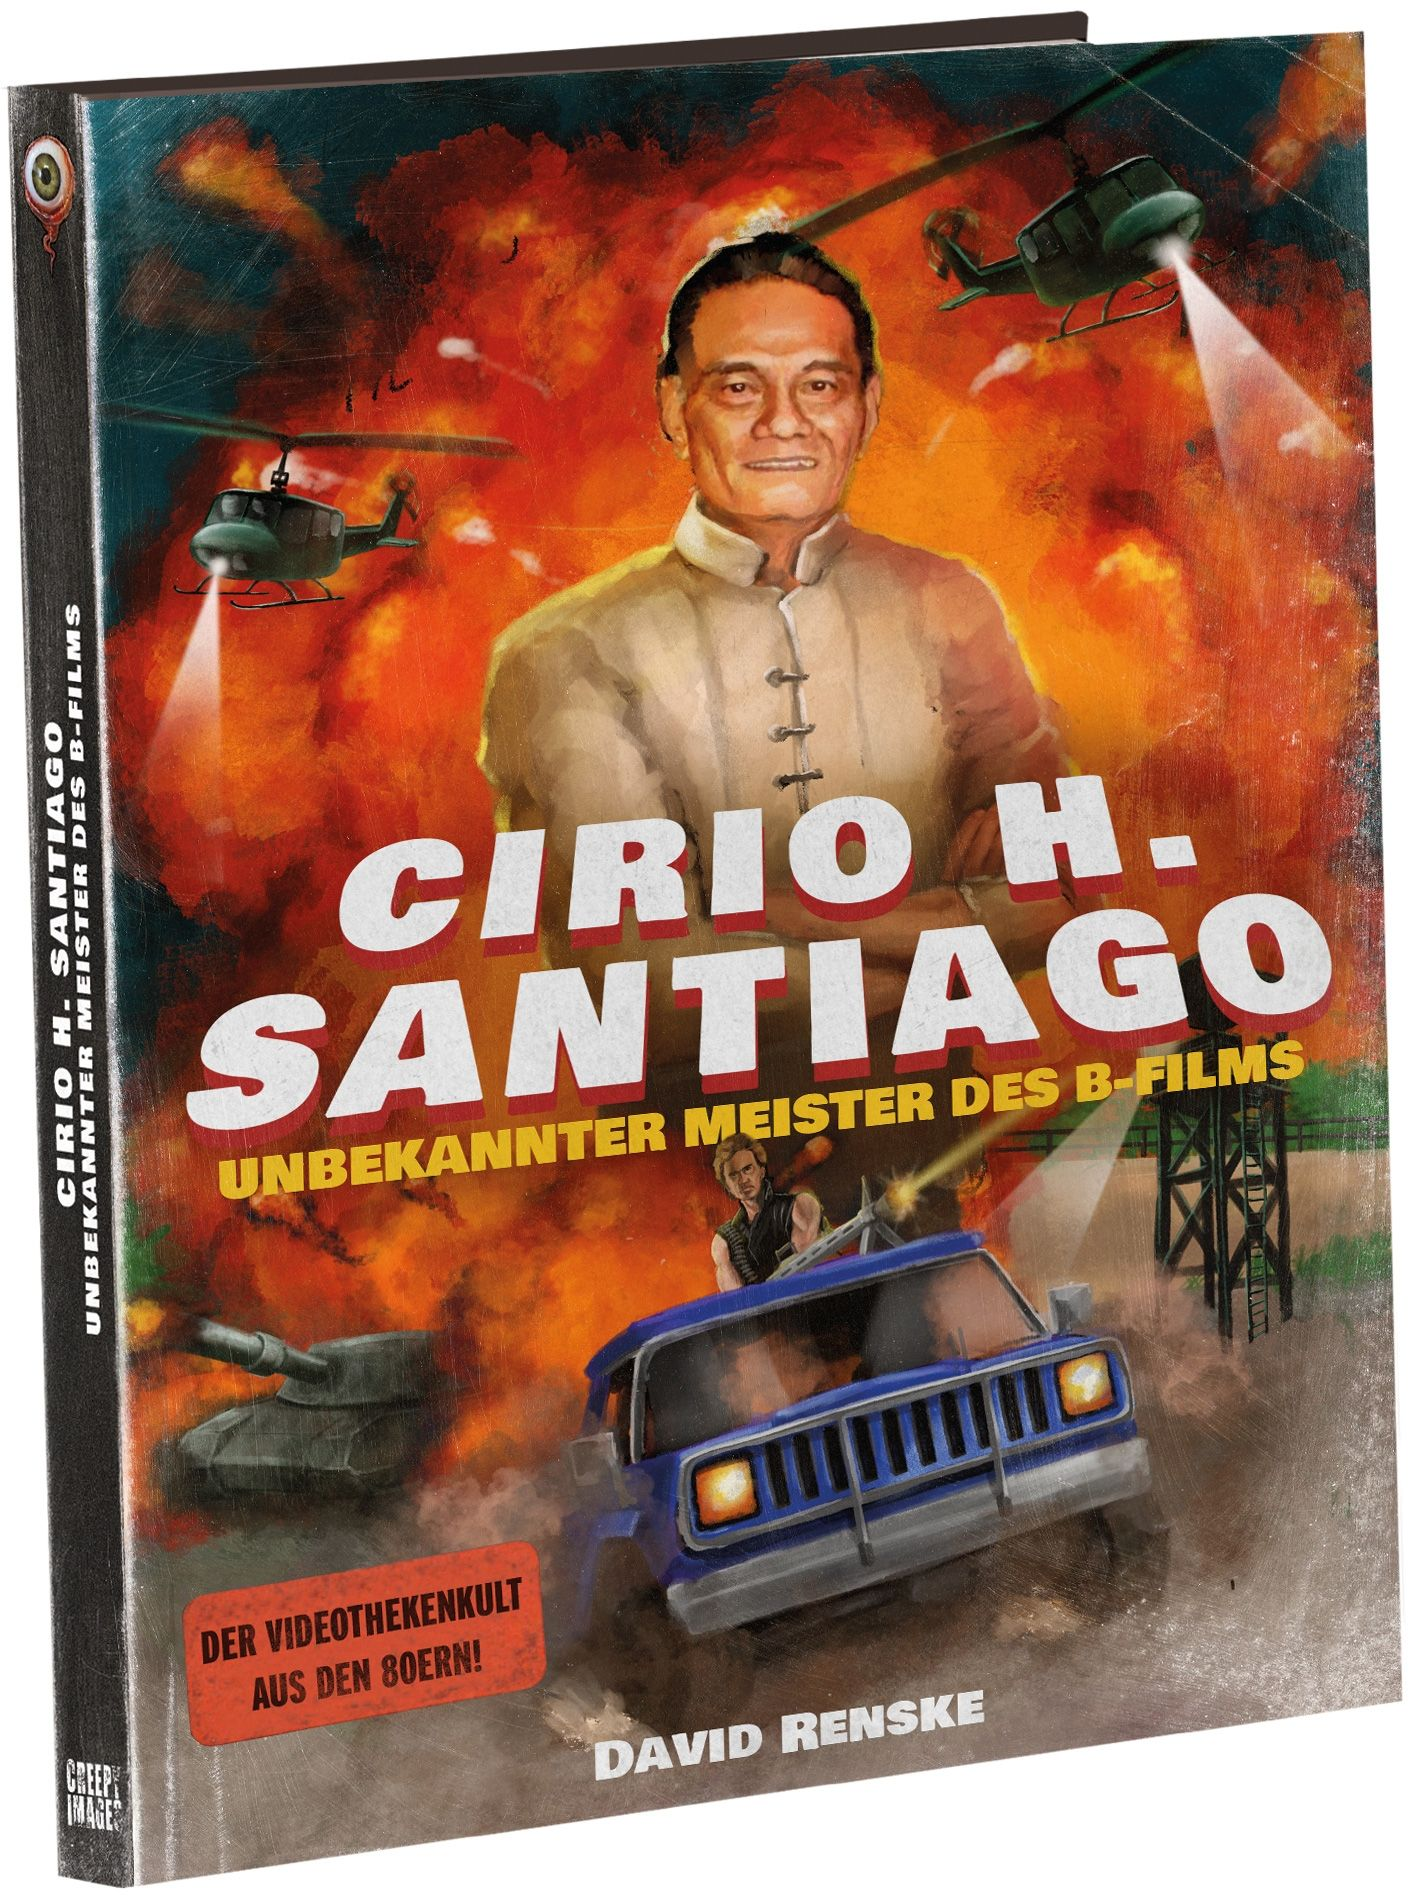 Cirio H. Santiago - Unbekannter Meister des B-Films